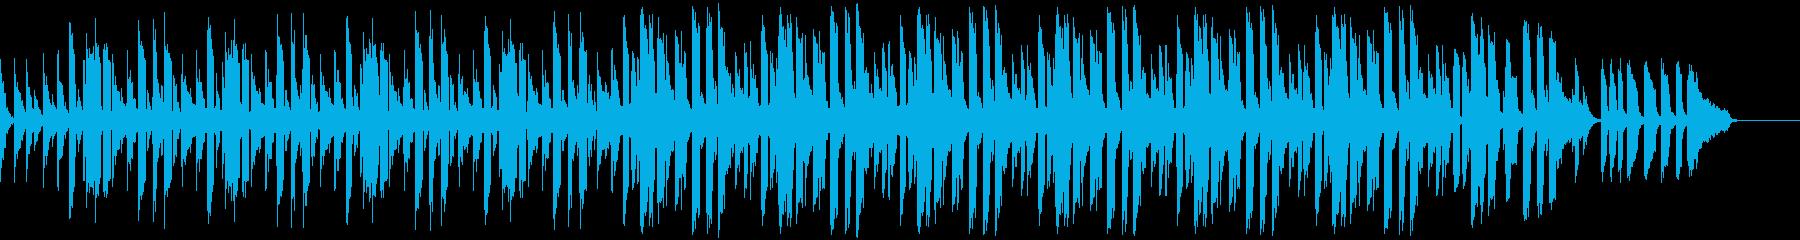 bpm80スウィングドラム抜きの再生済みの波形